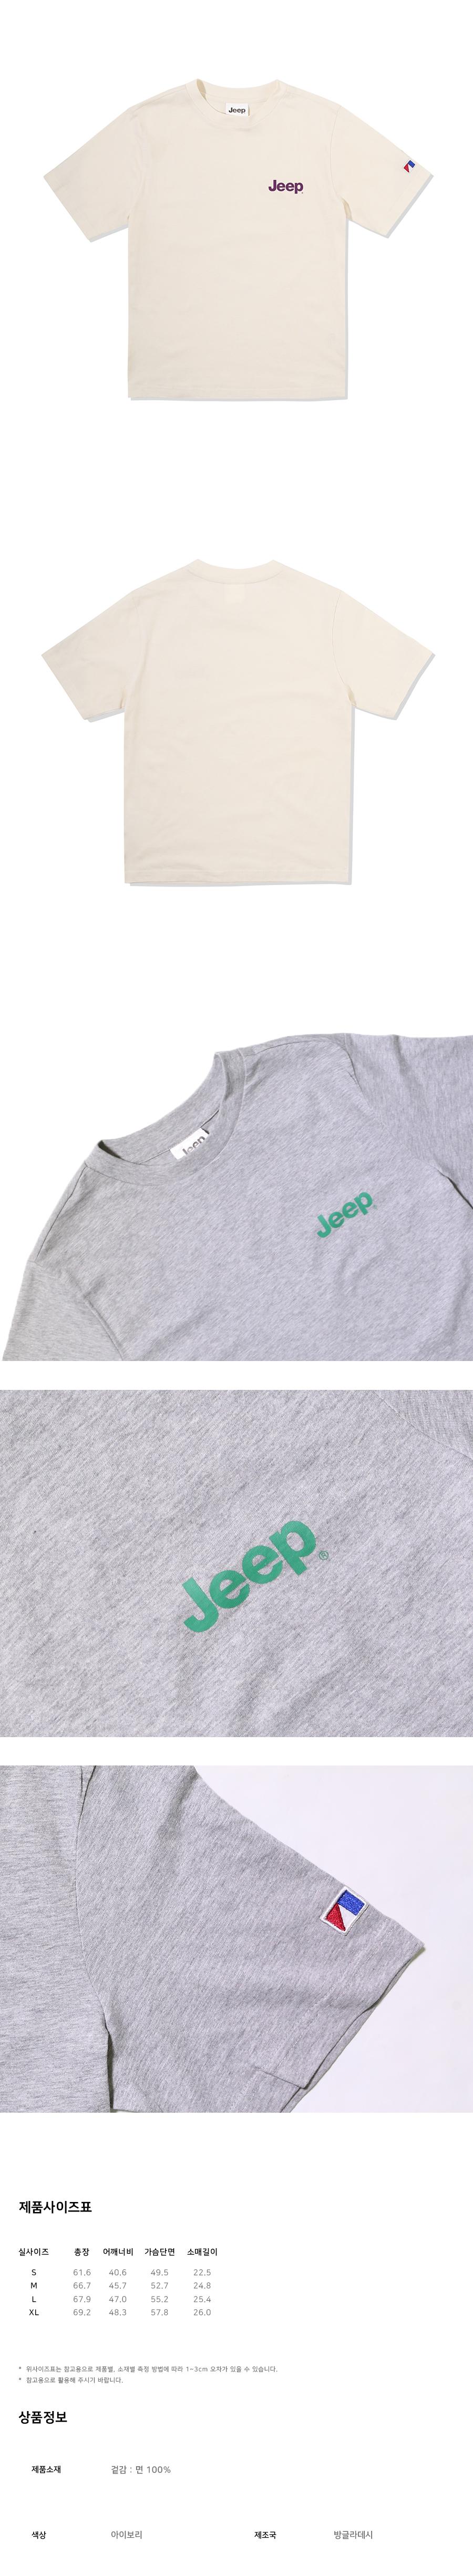 지프(JEEP) Classic Small Logo Half-Sleeves (GL2TSU092IV)